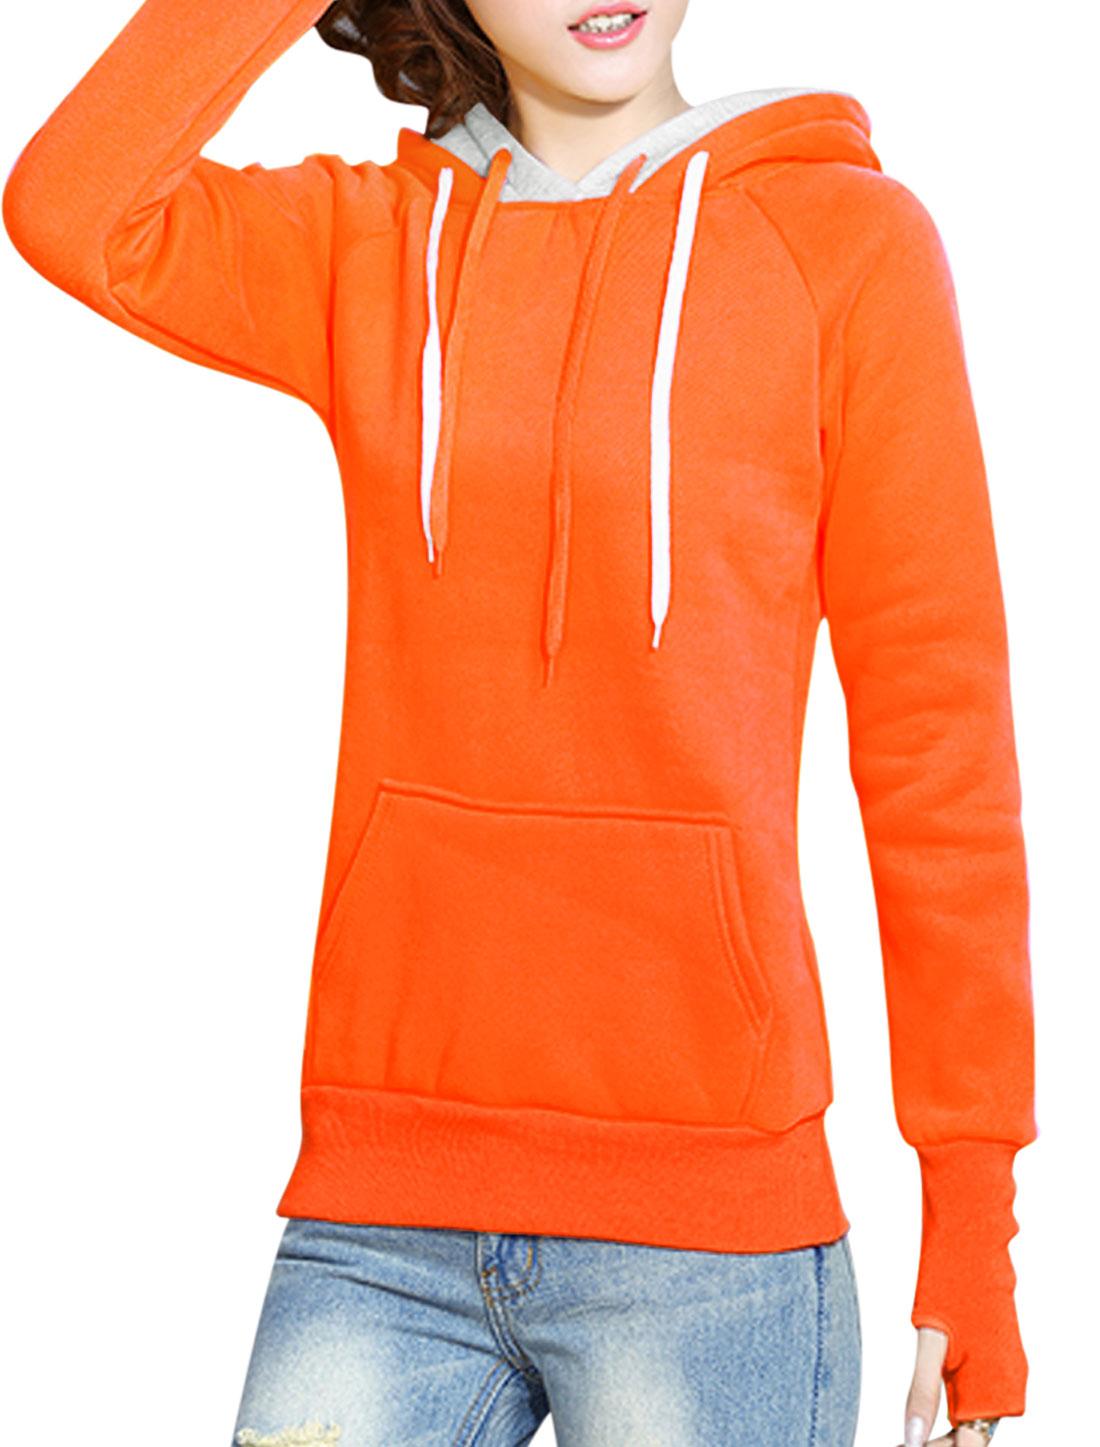 Ladies Kangaroo Pocket Double Layer Hooded Sweatshirt Orange XS